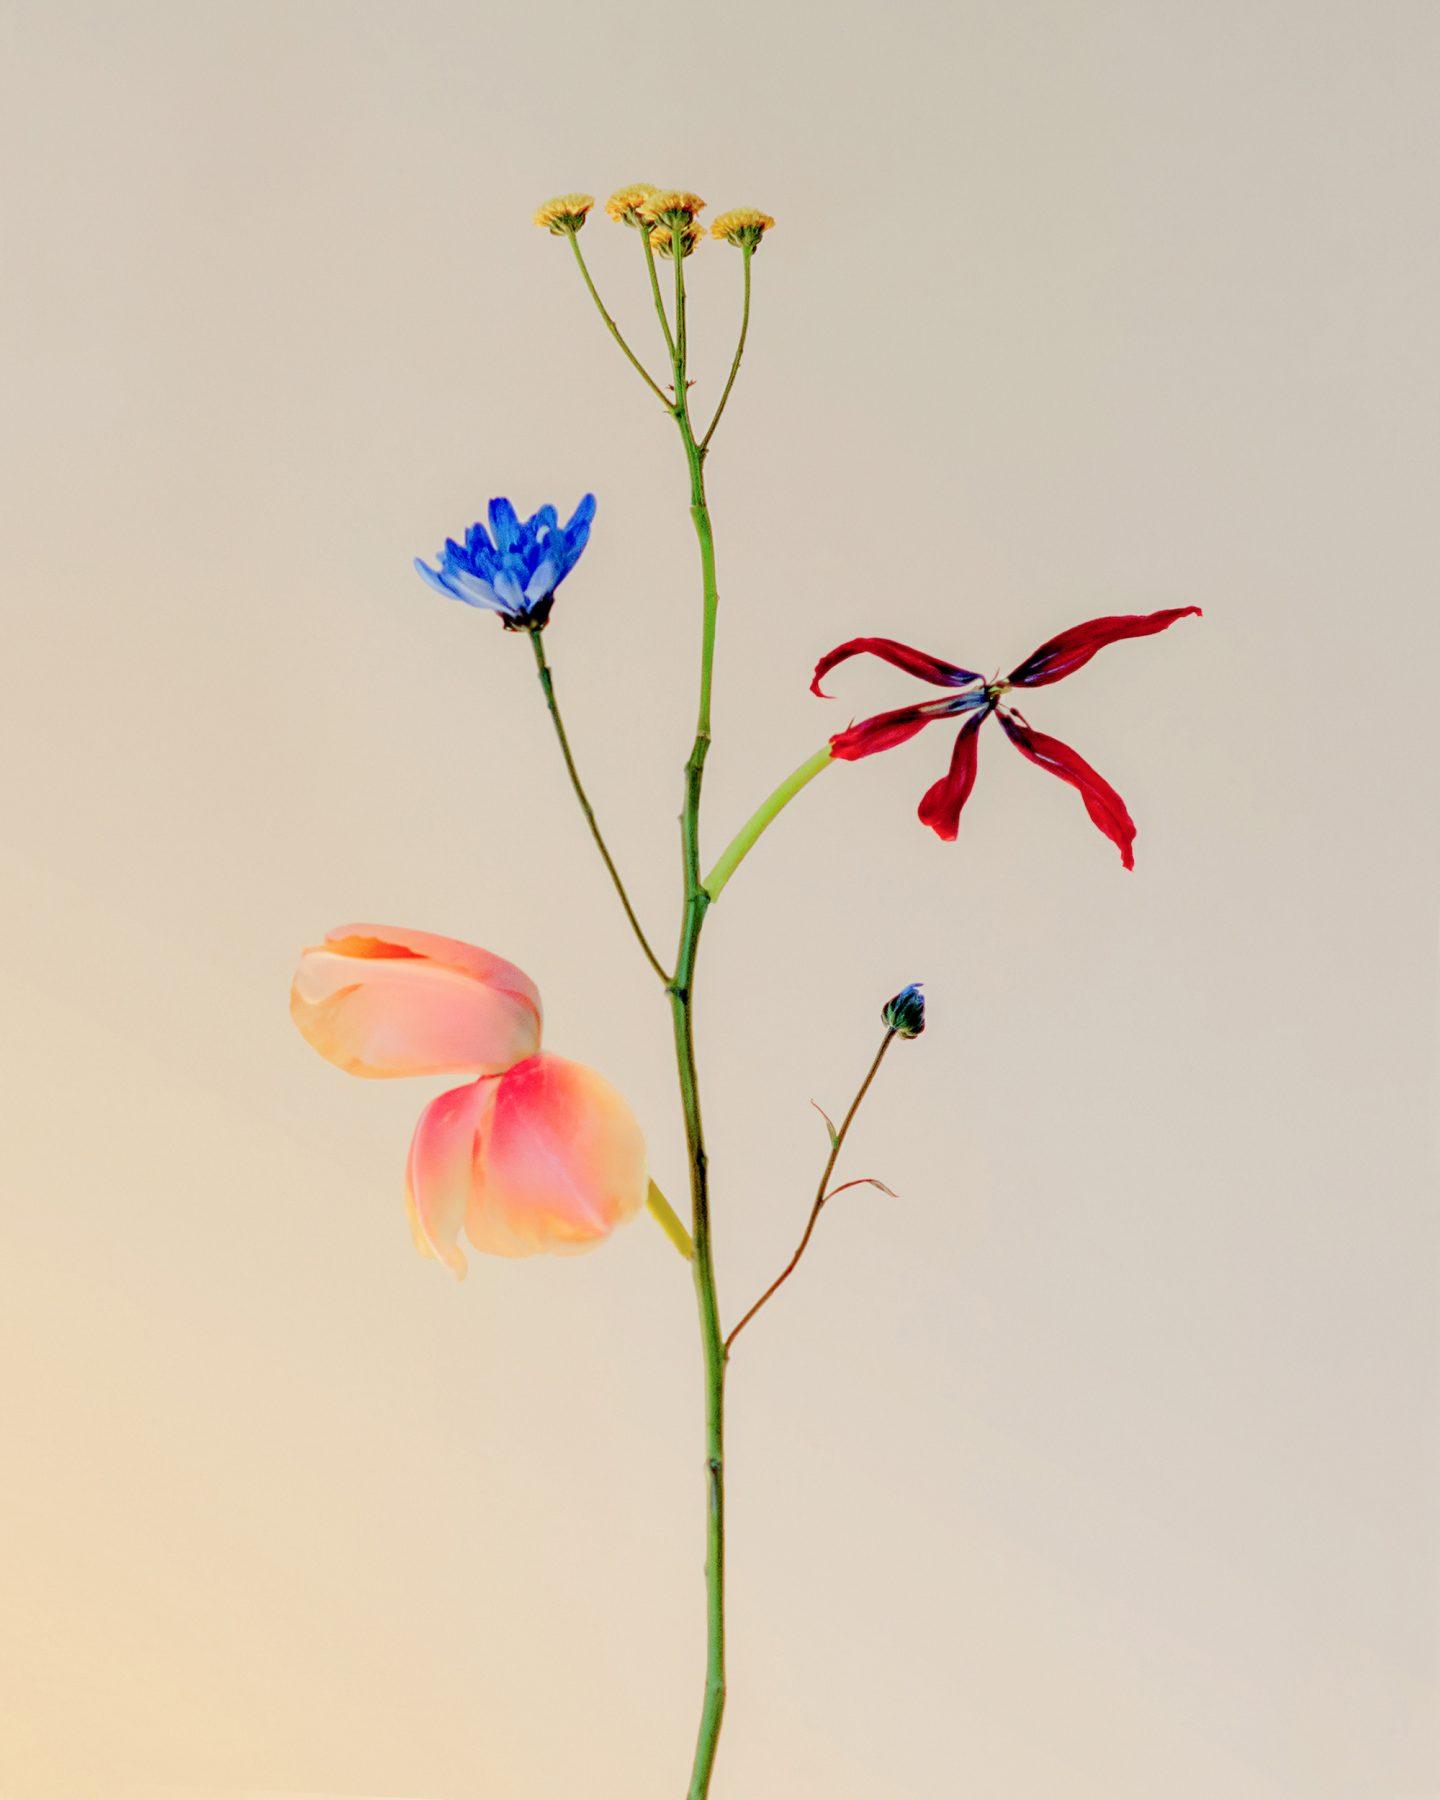 IGNANT-Photography-Jennifer-Latour-03